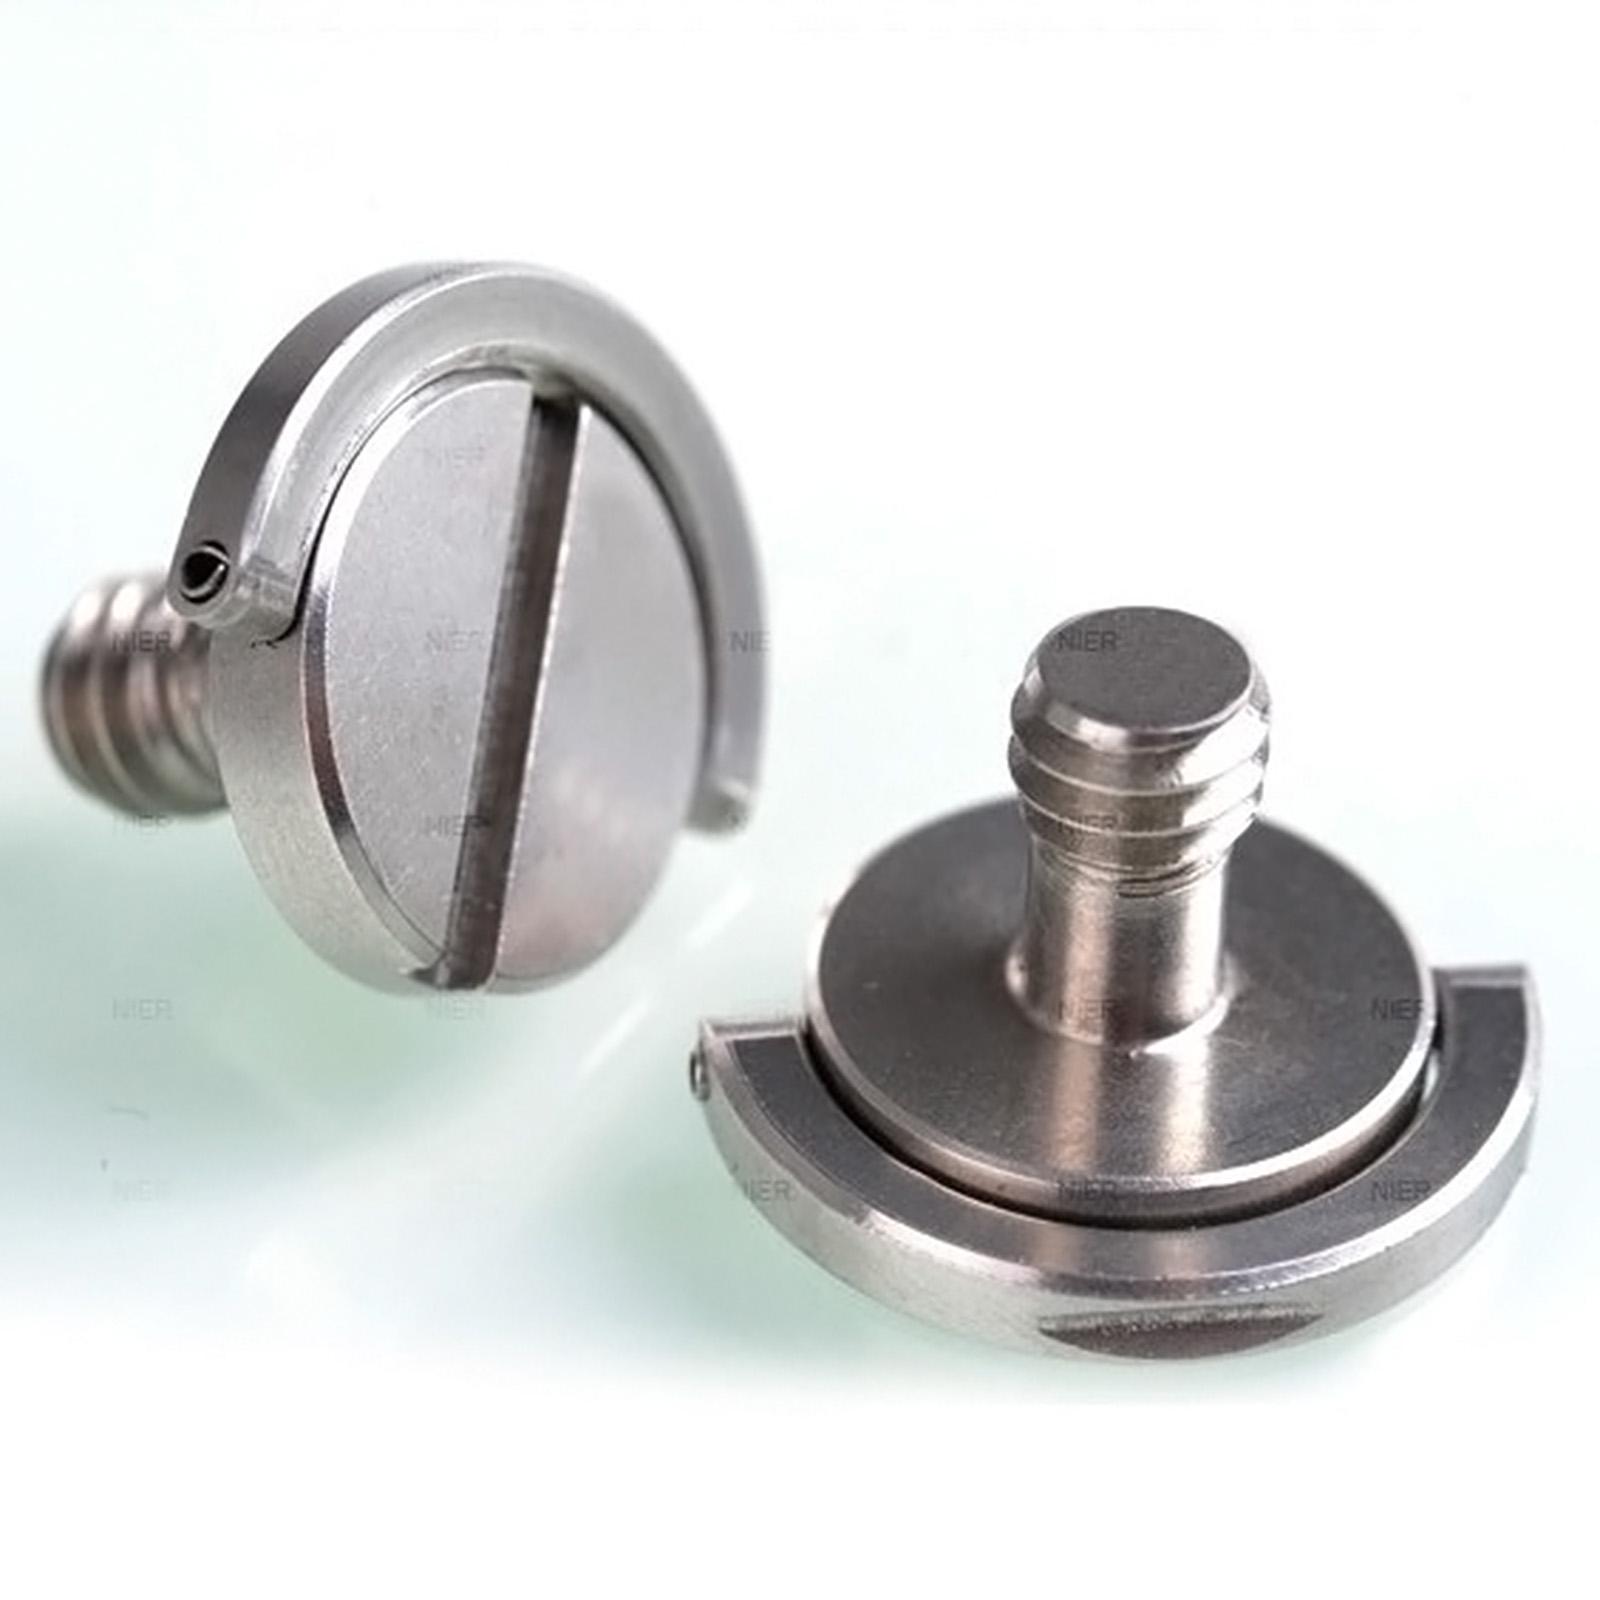 kamera schraube 1 4 zoll mit b gel ring schraube stativ schnellwechsel gewinde ebay. Black Bedroom Furniture Sets. Home Design Ideas